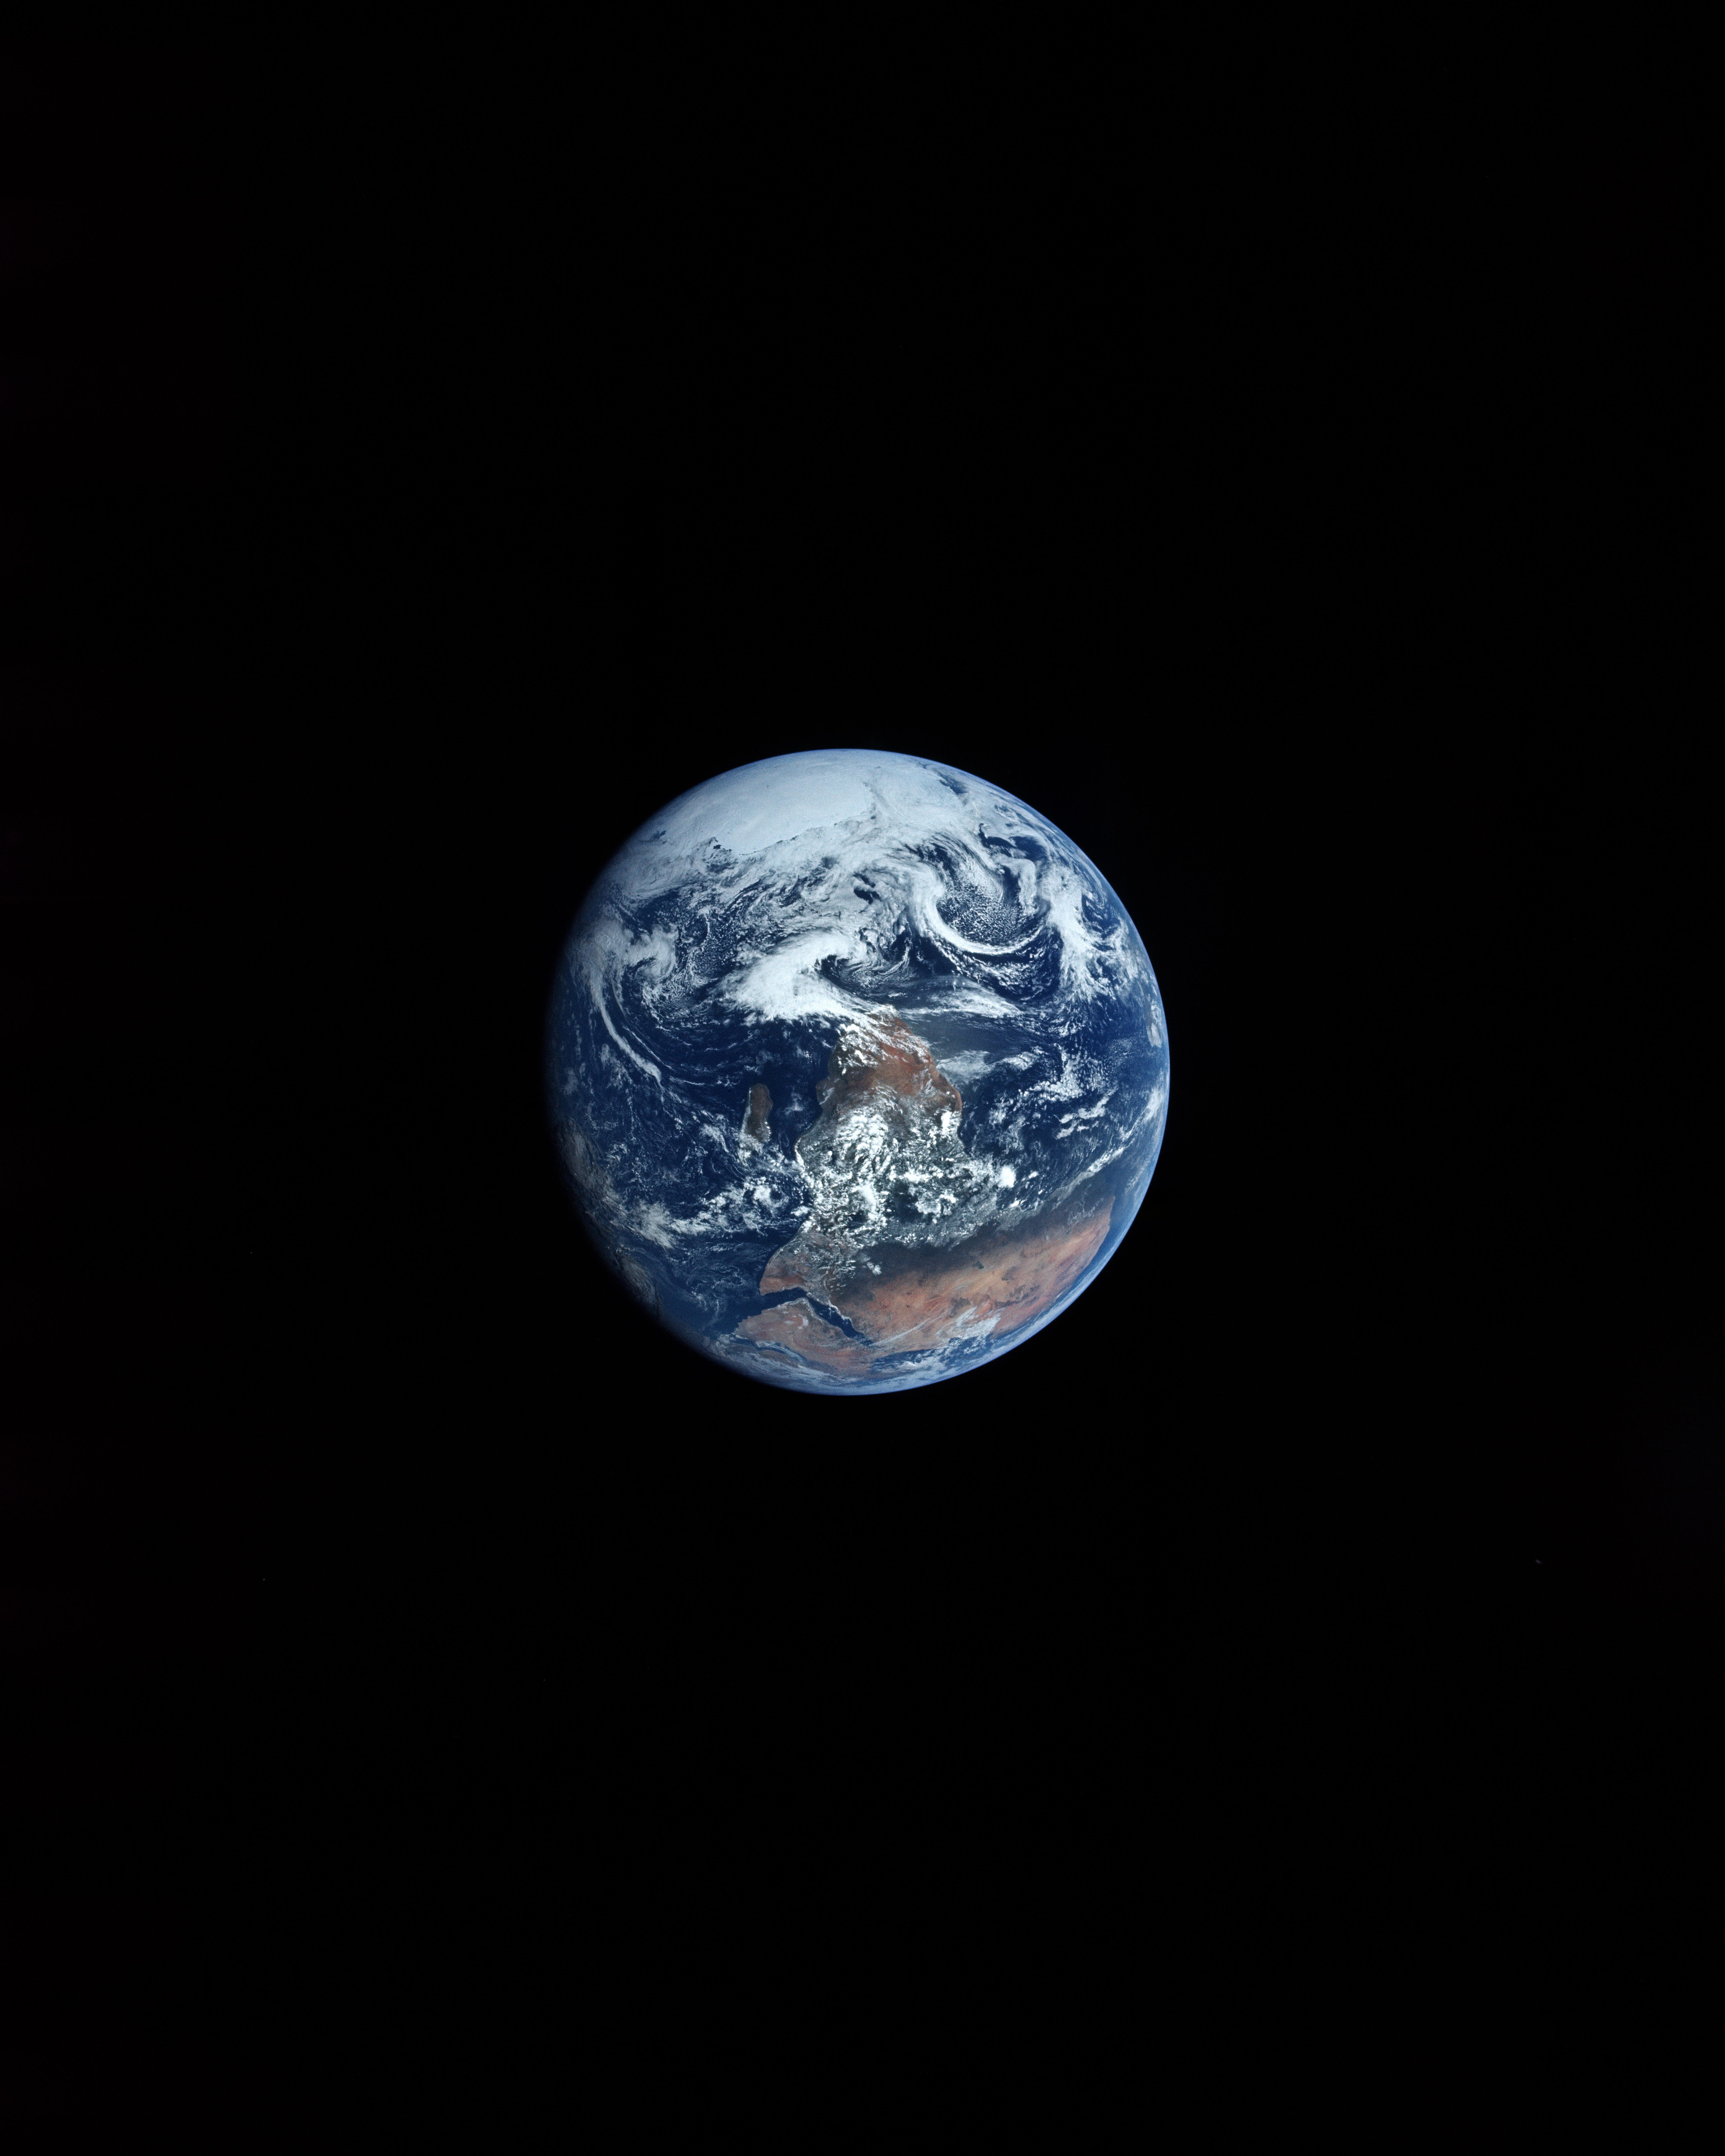 150961 скачать обои Черный, Планета, Космос, Минимализм, Земля - заставки и картинки бесплатно